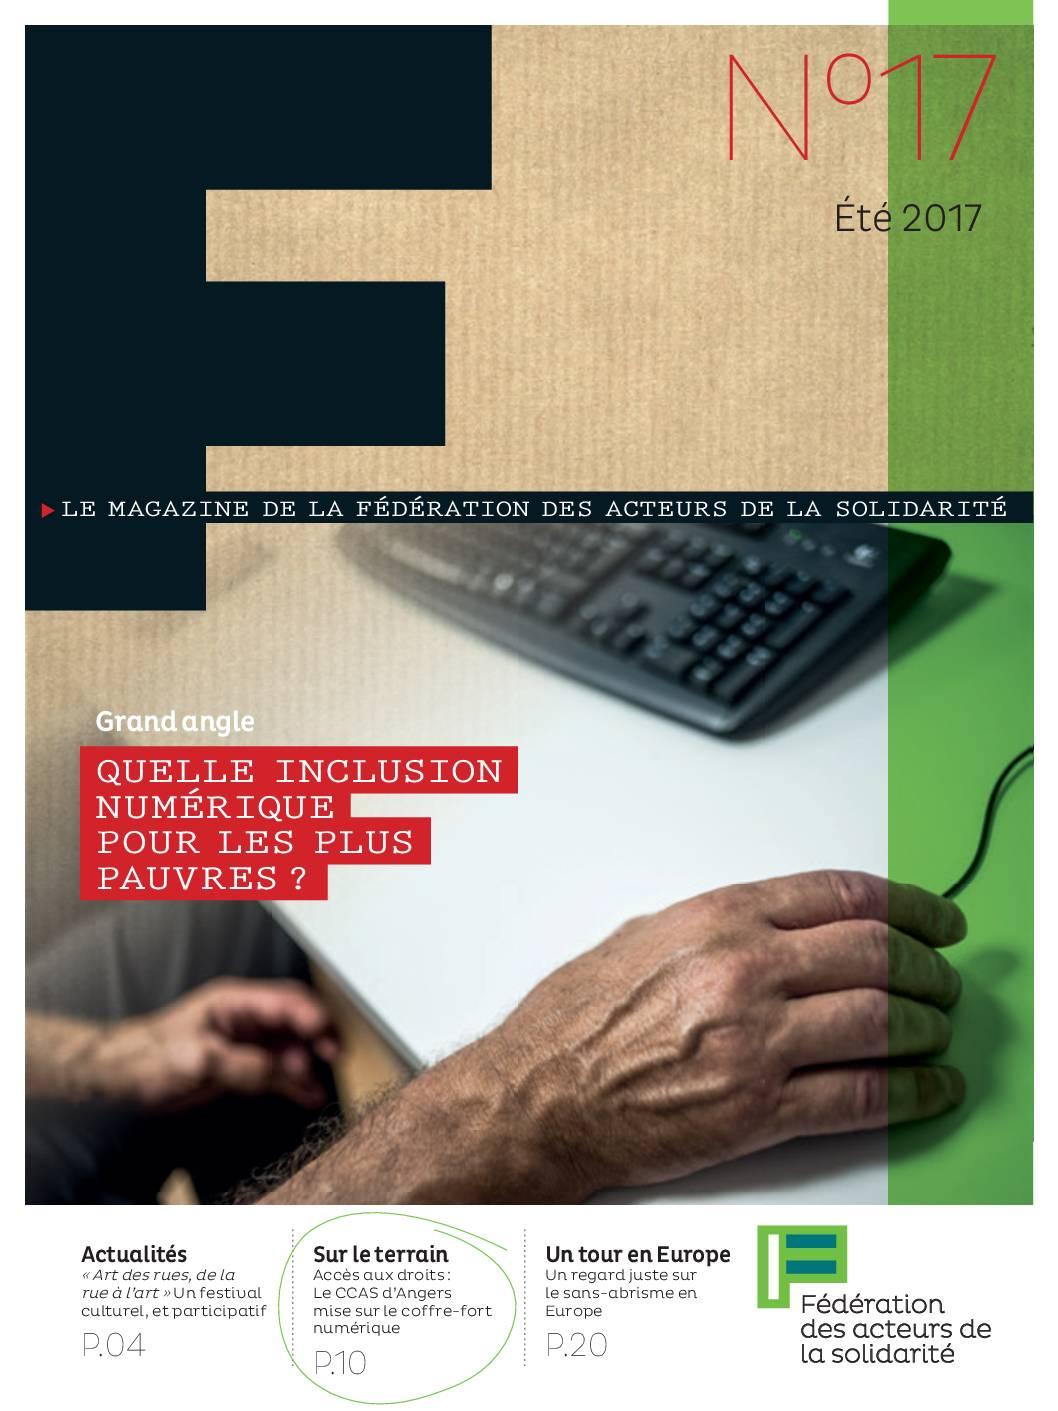 F#17 Quelle inclusion numérique pour les plus pauvres ?